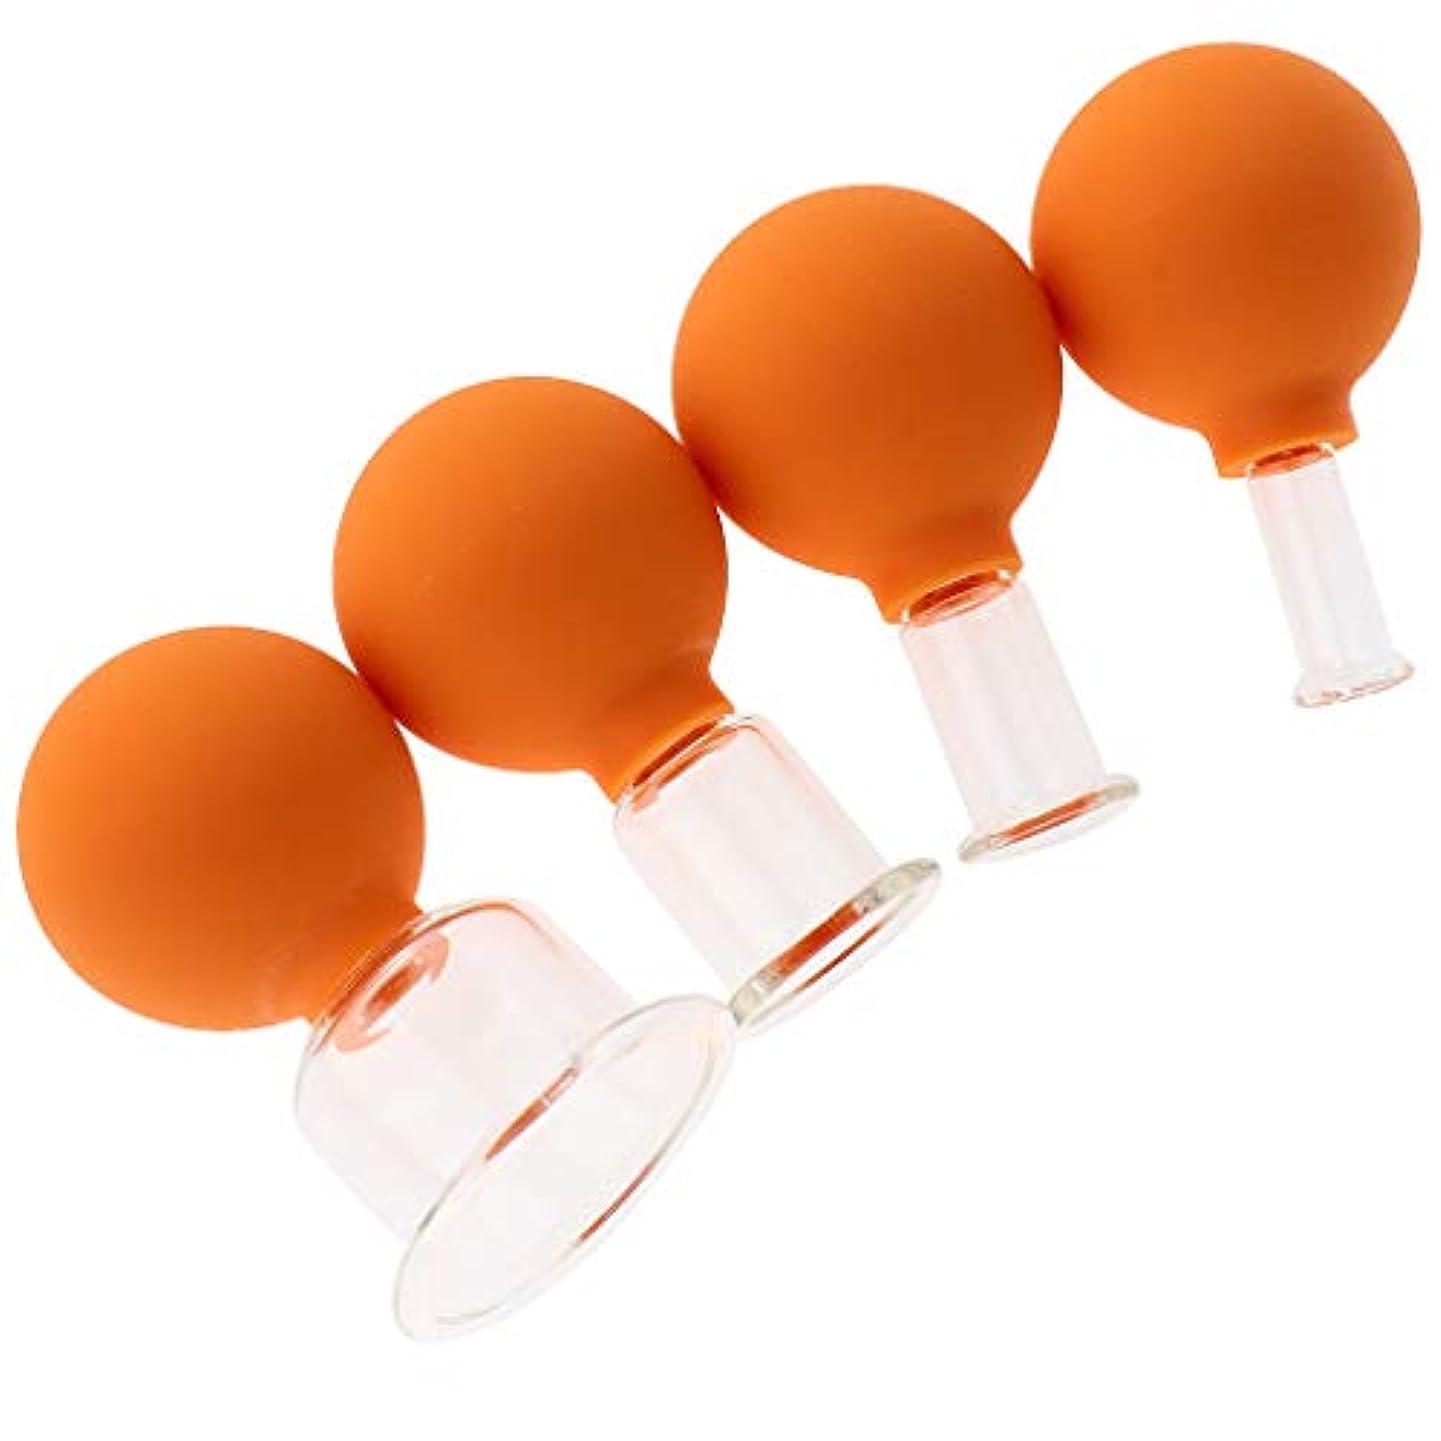 KESOTO 4個 マッサージ吸い玉 カッピングカップ ガラスカッピング 真空 男女兼用 実用的 全3色 - オレンジ